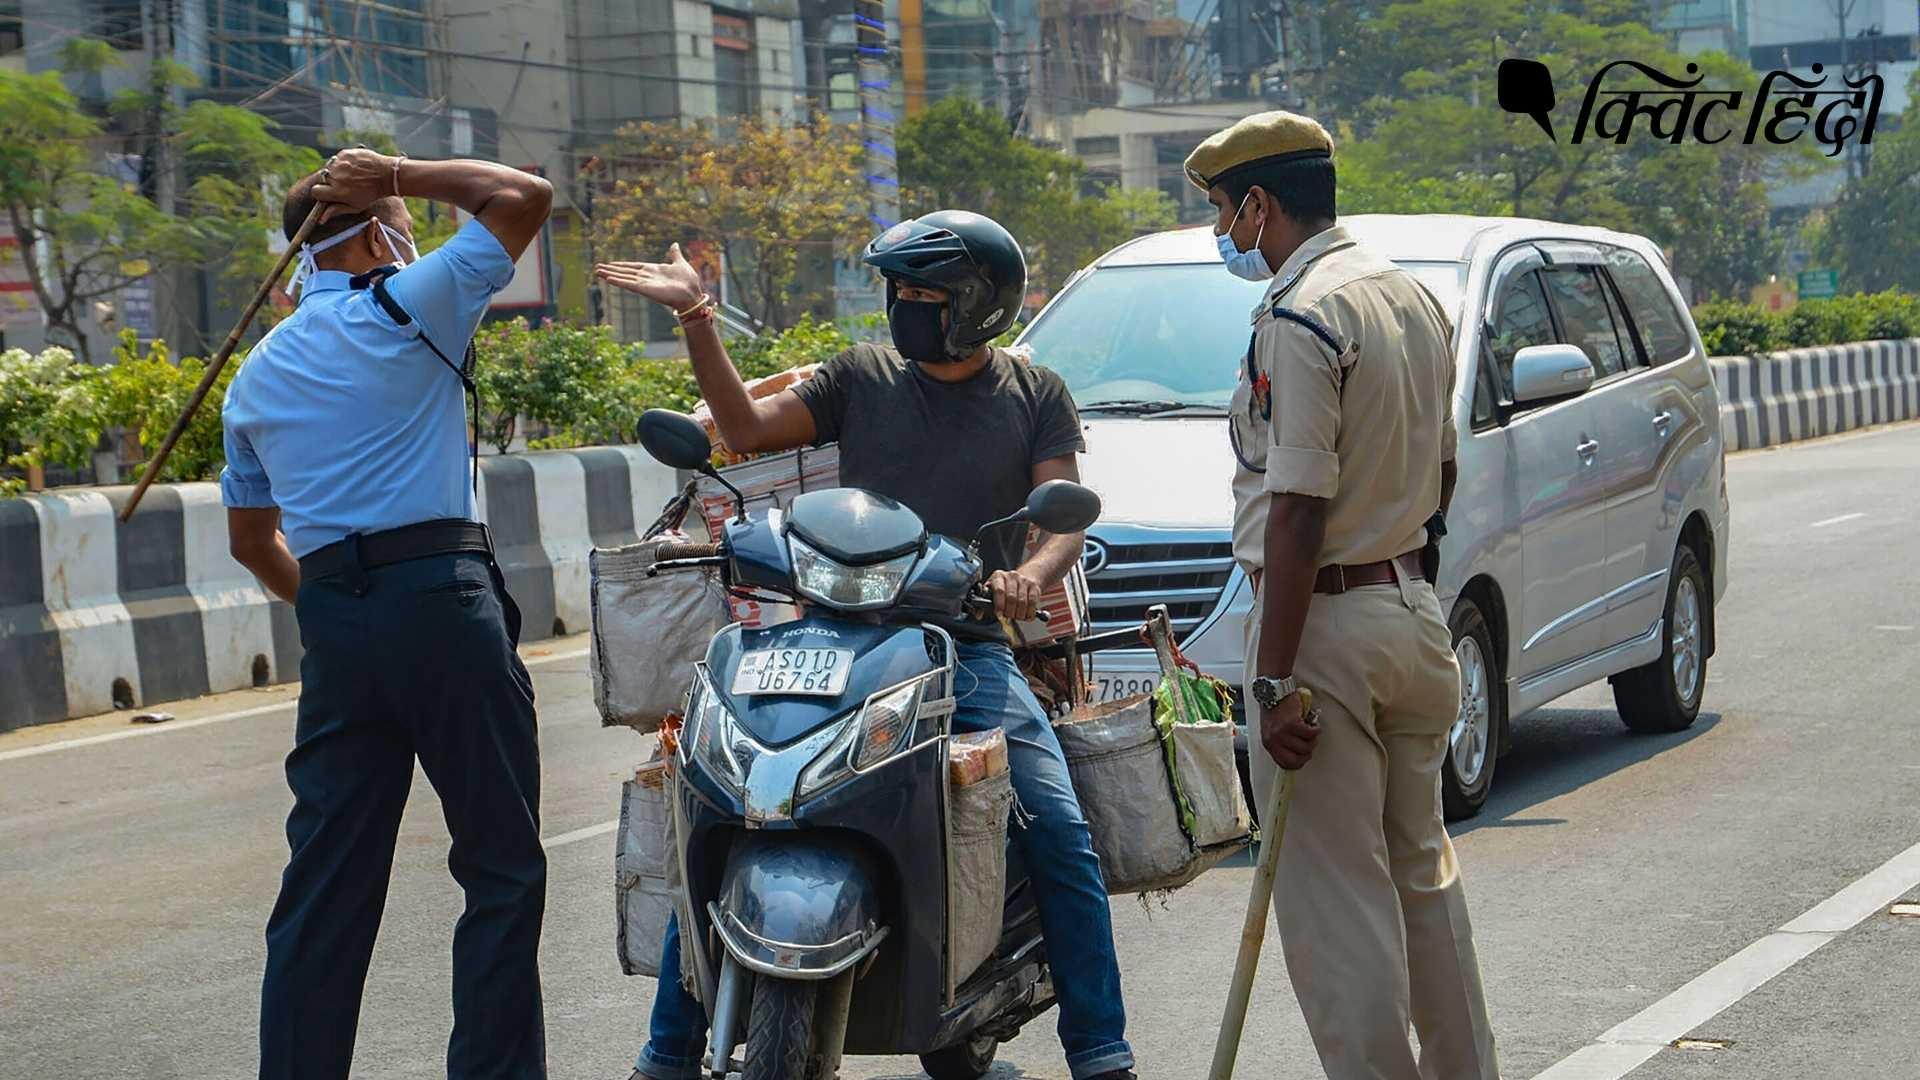 मुंबई: कर्फ्यू के उल्लंघन में 1,300 लोगों के खिलाफ मामले दर्ज